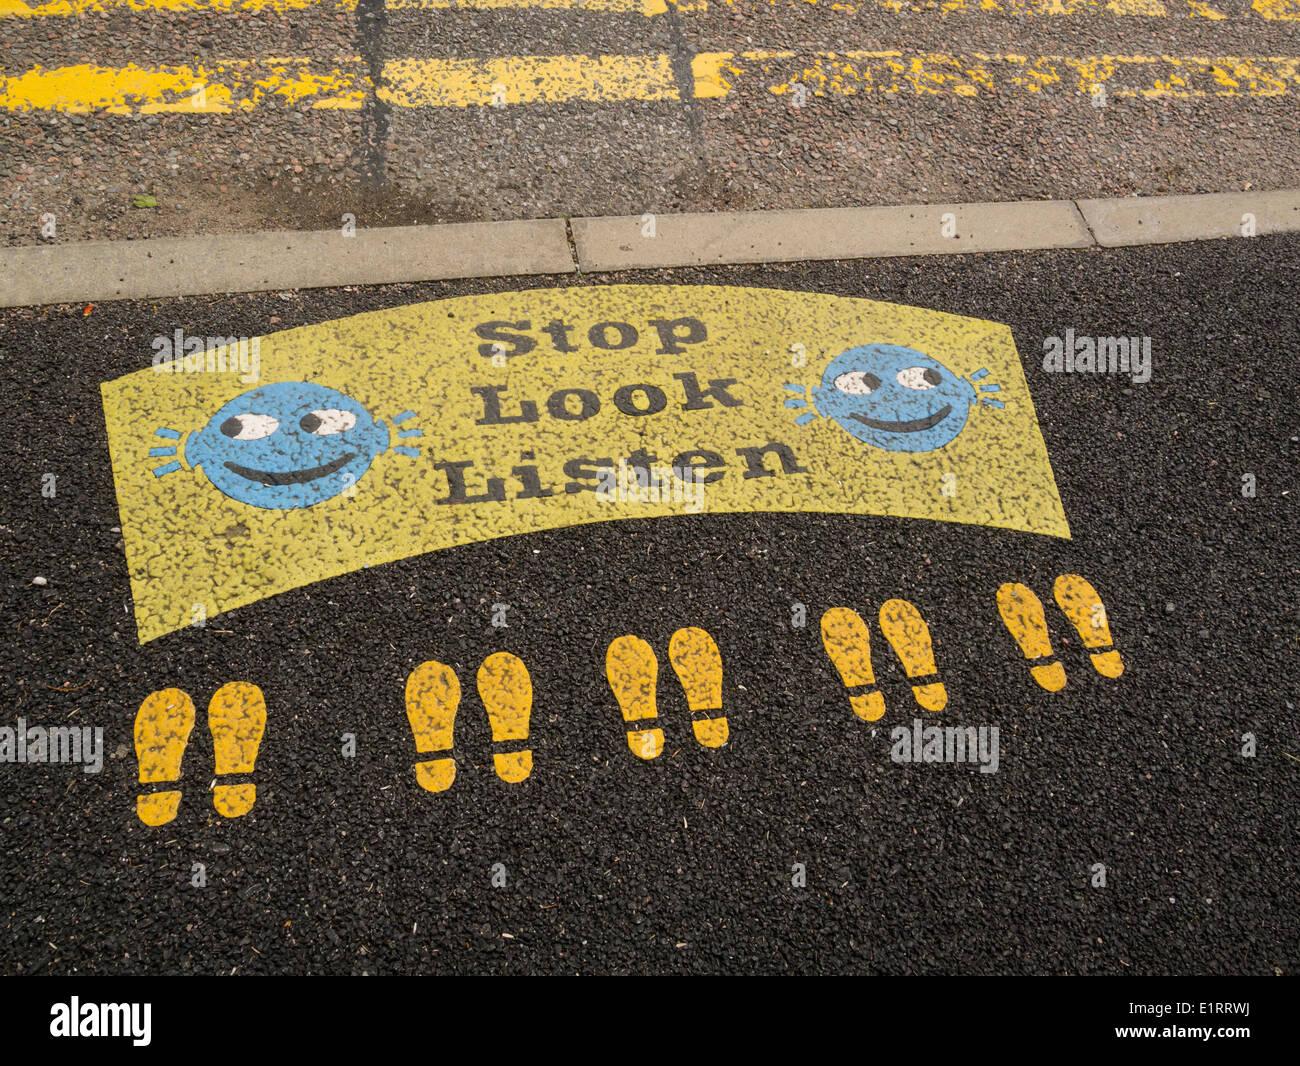 Glencoe Highlands Escocesas inusual cartel sobre pavimento para alentar a los niños a tomar en serio la seguridad vial Imagen De Stock